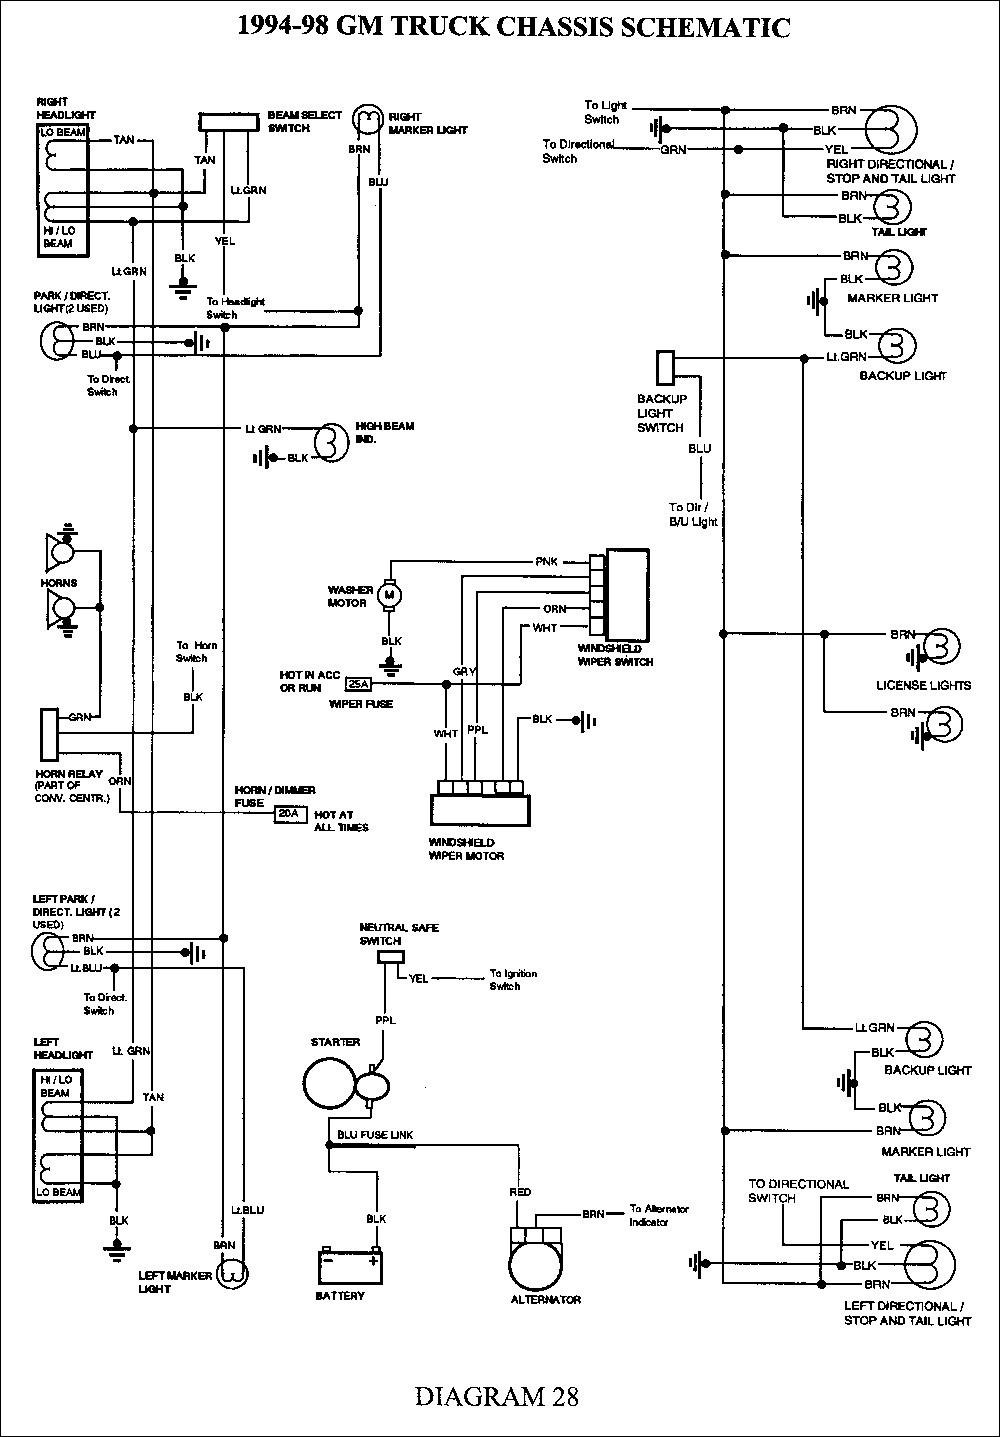 S10 Turn Signal Wiring Diagram - Wiring Diagrams Hubs - Trailer Light Wiring Diagram